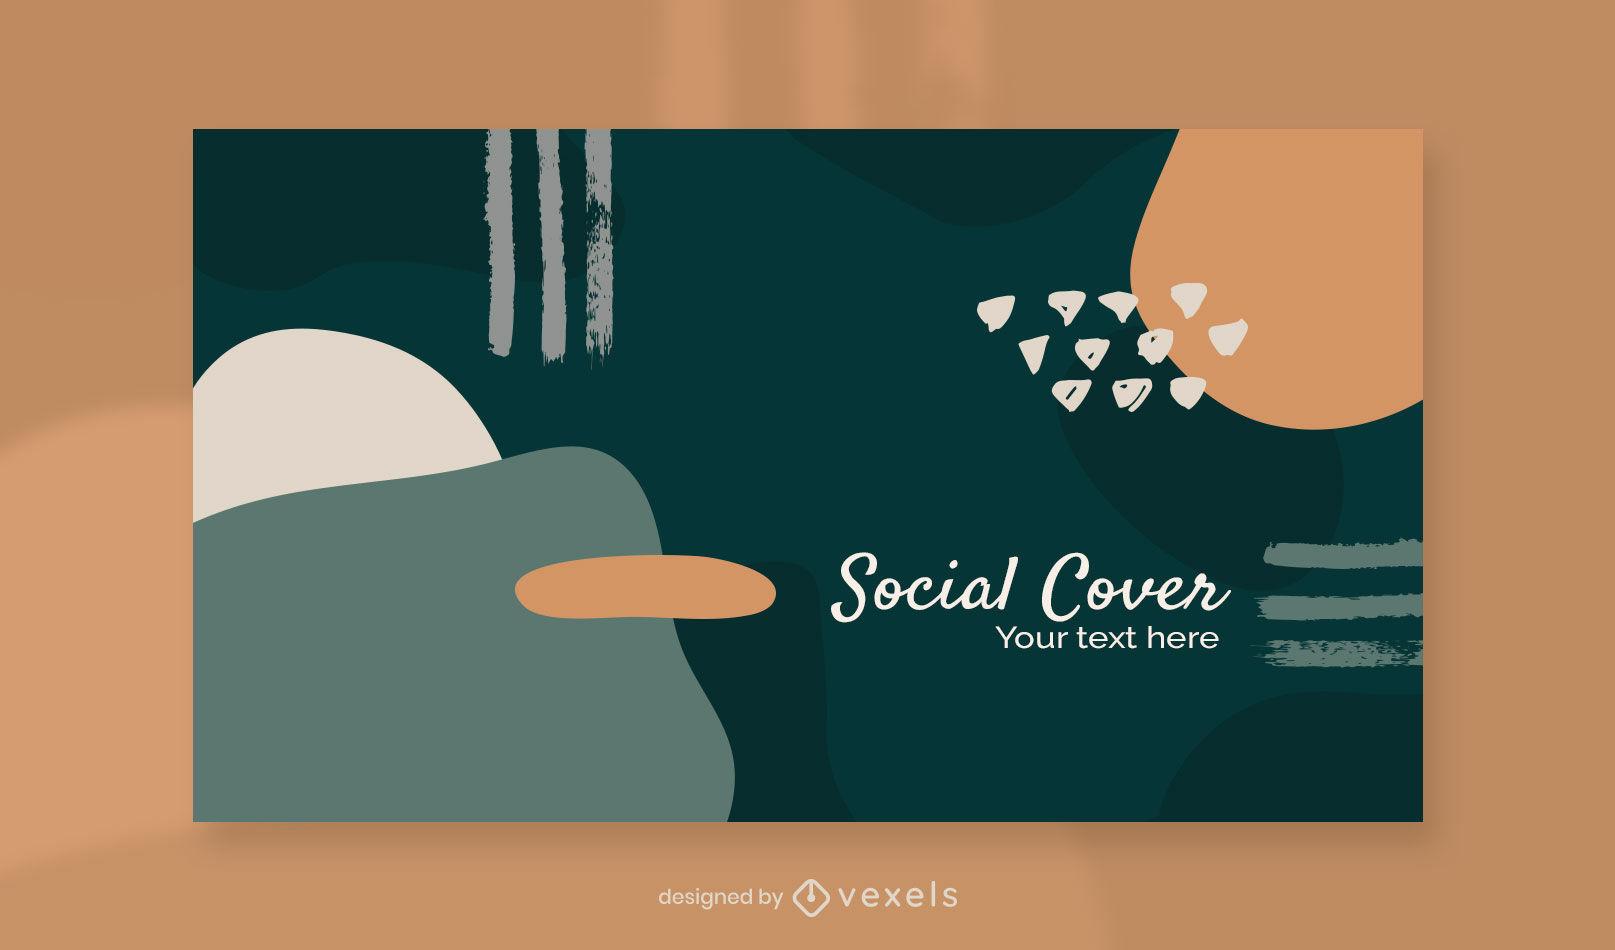 Organische abstrakte Facebook-Cover-Vorlage